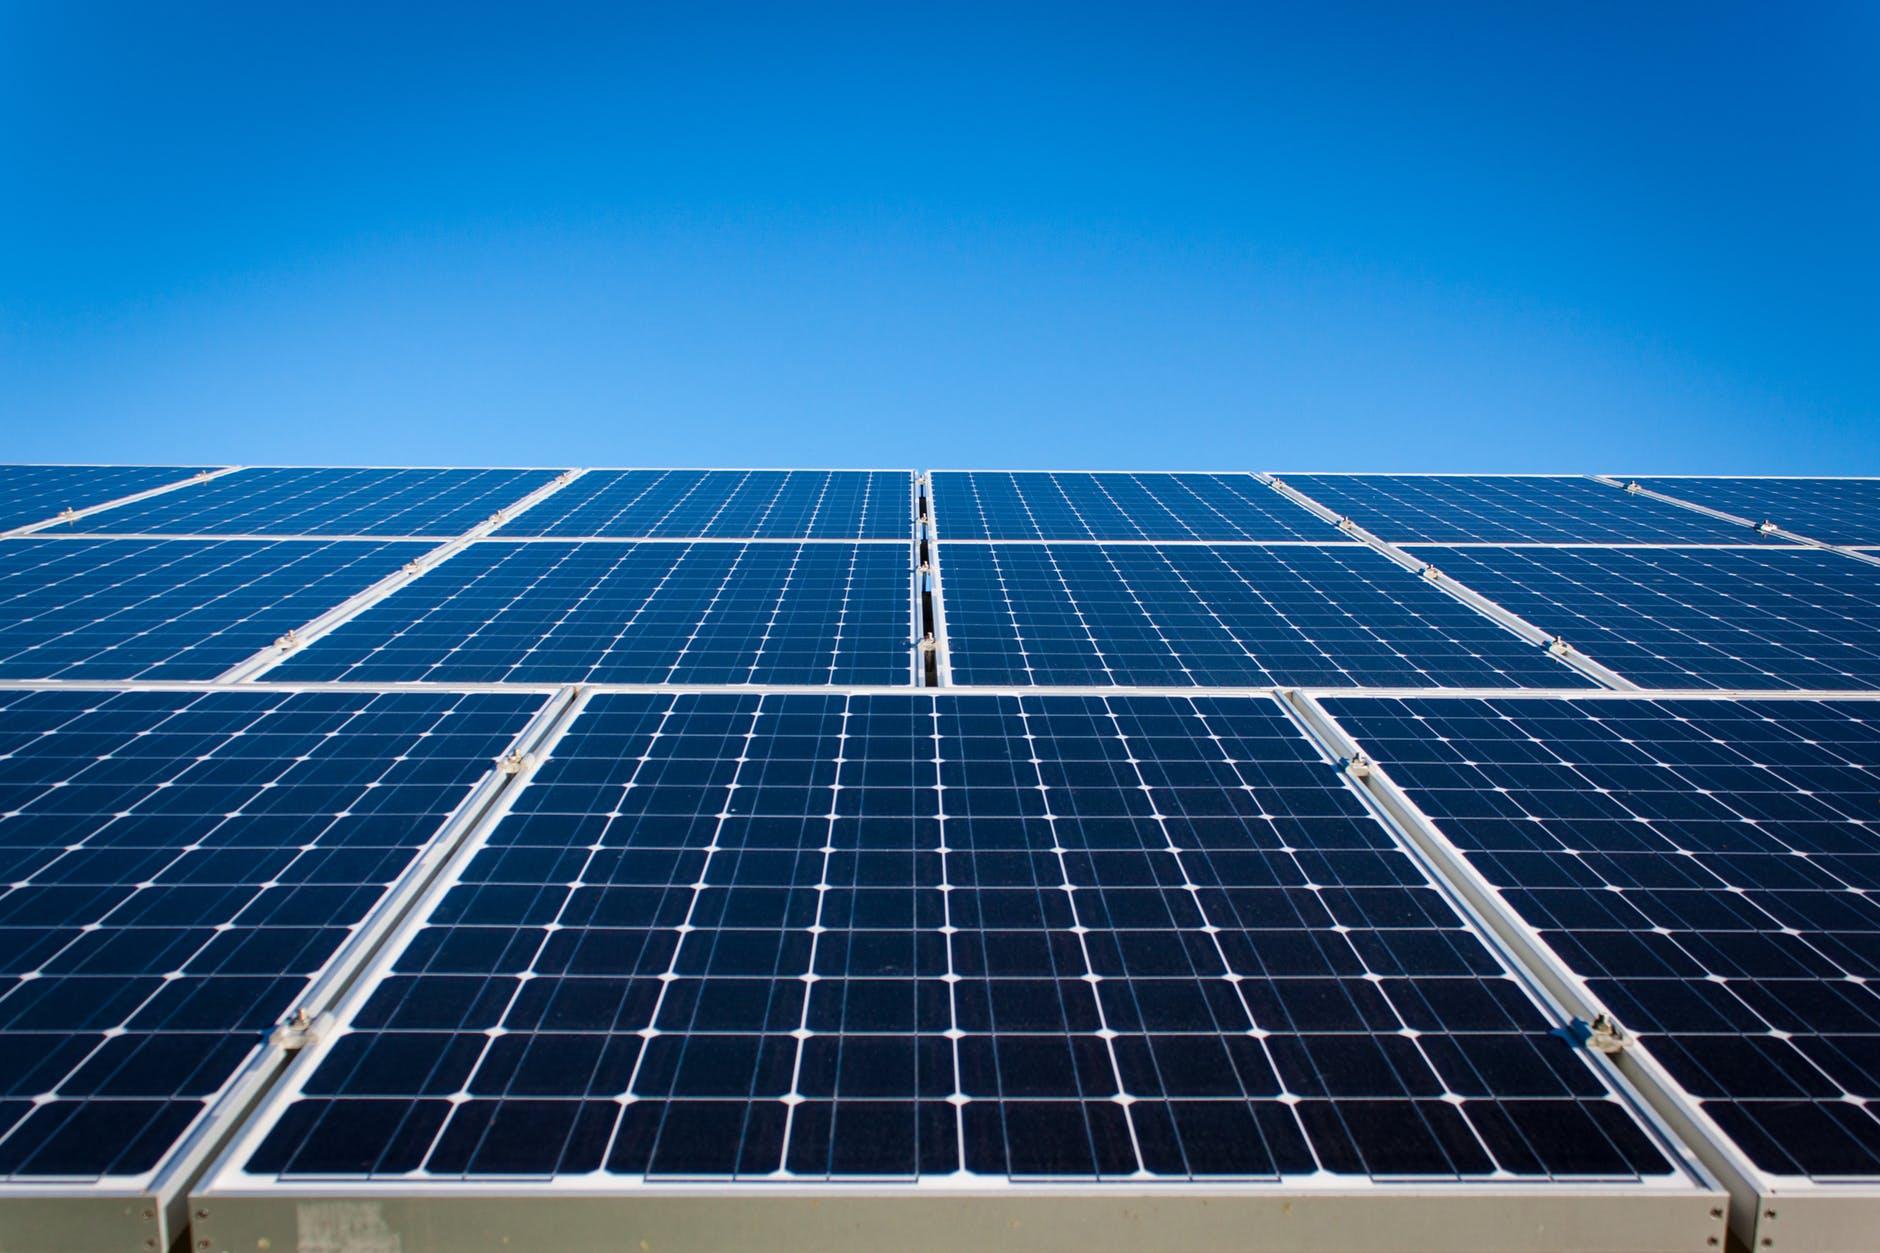 México busca más energía limpia en 4ta subasta energética